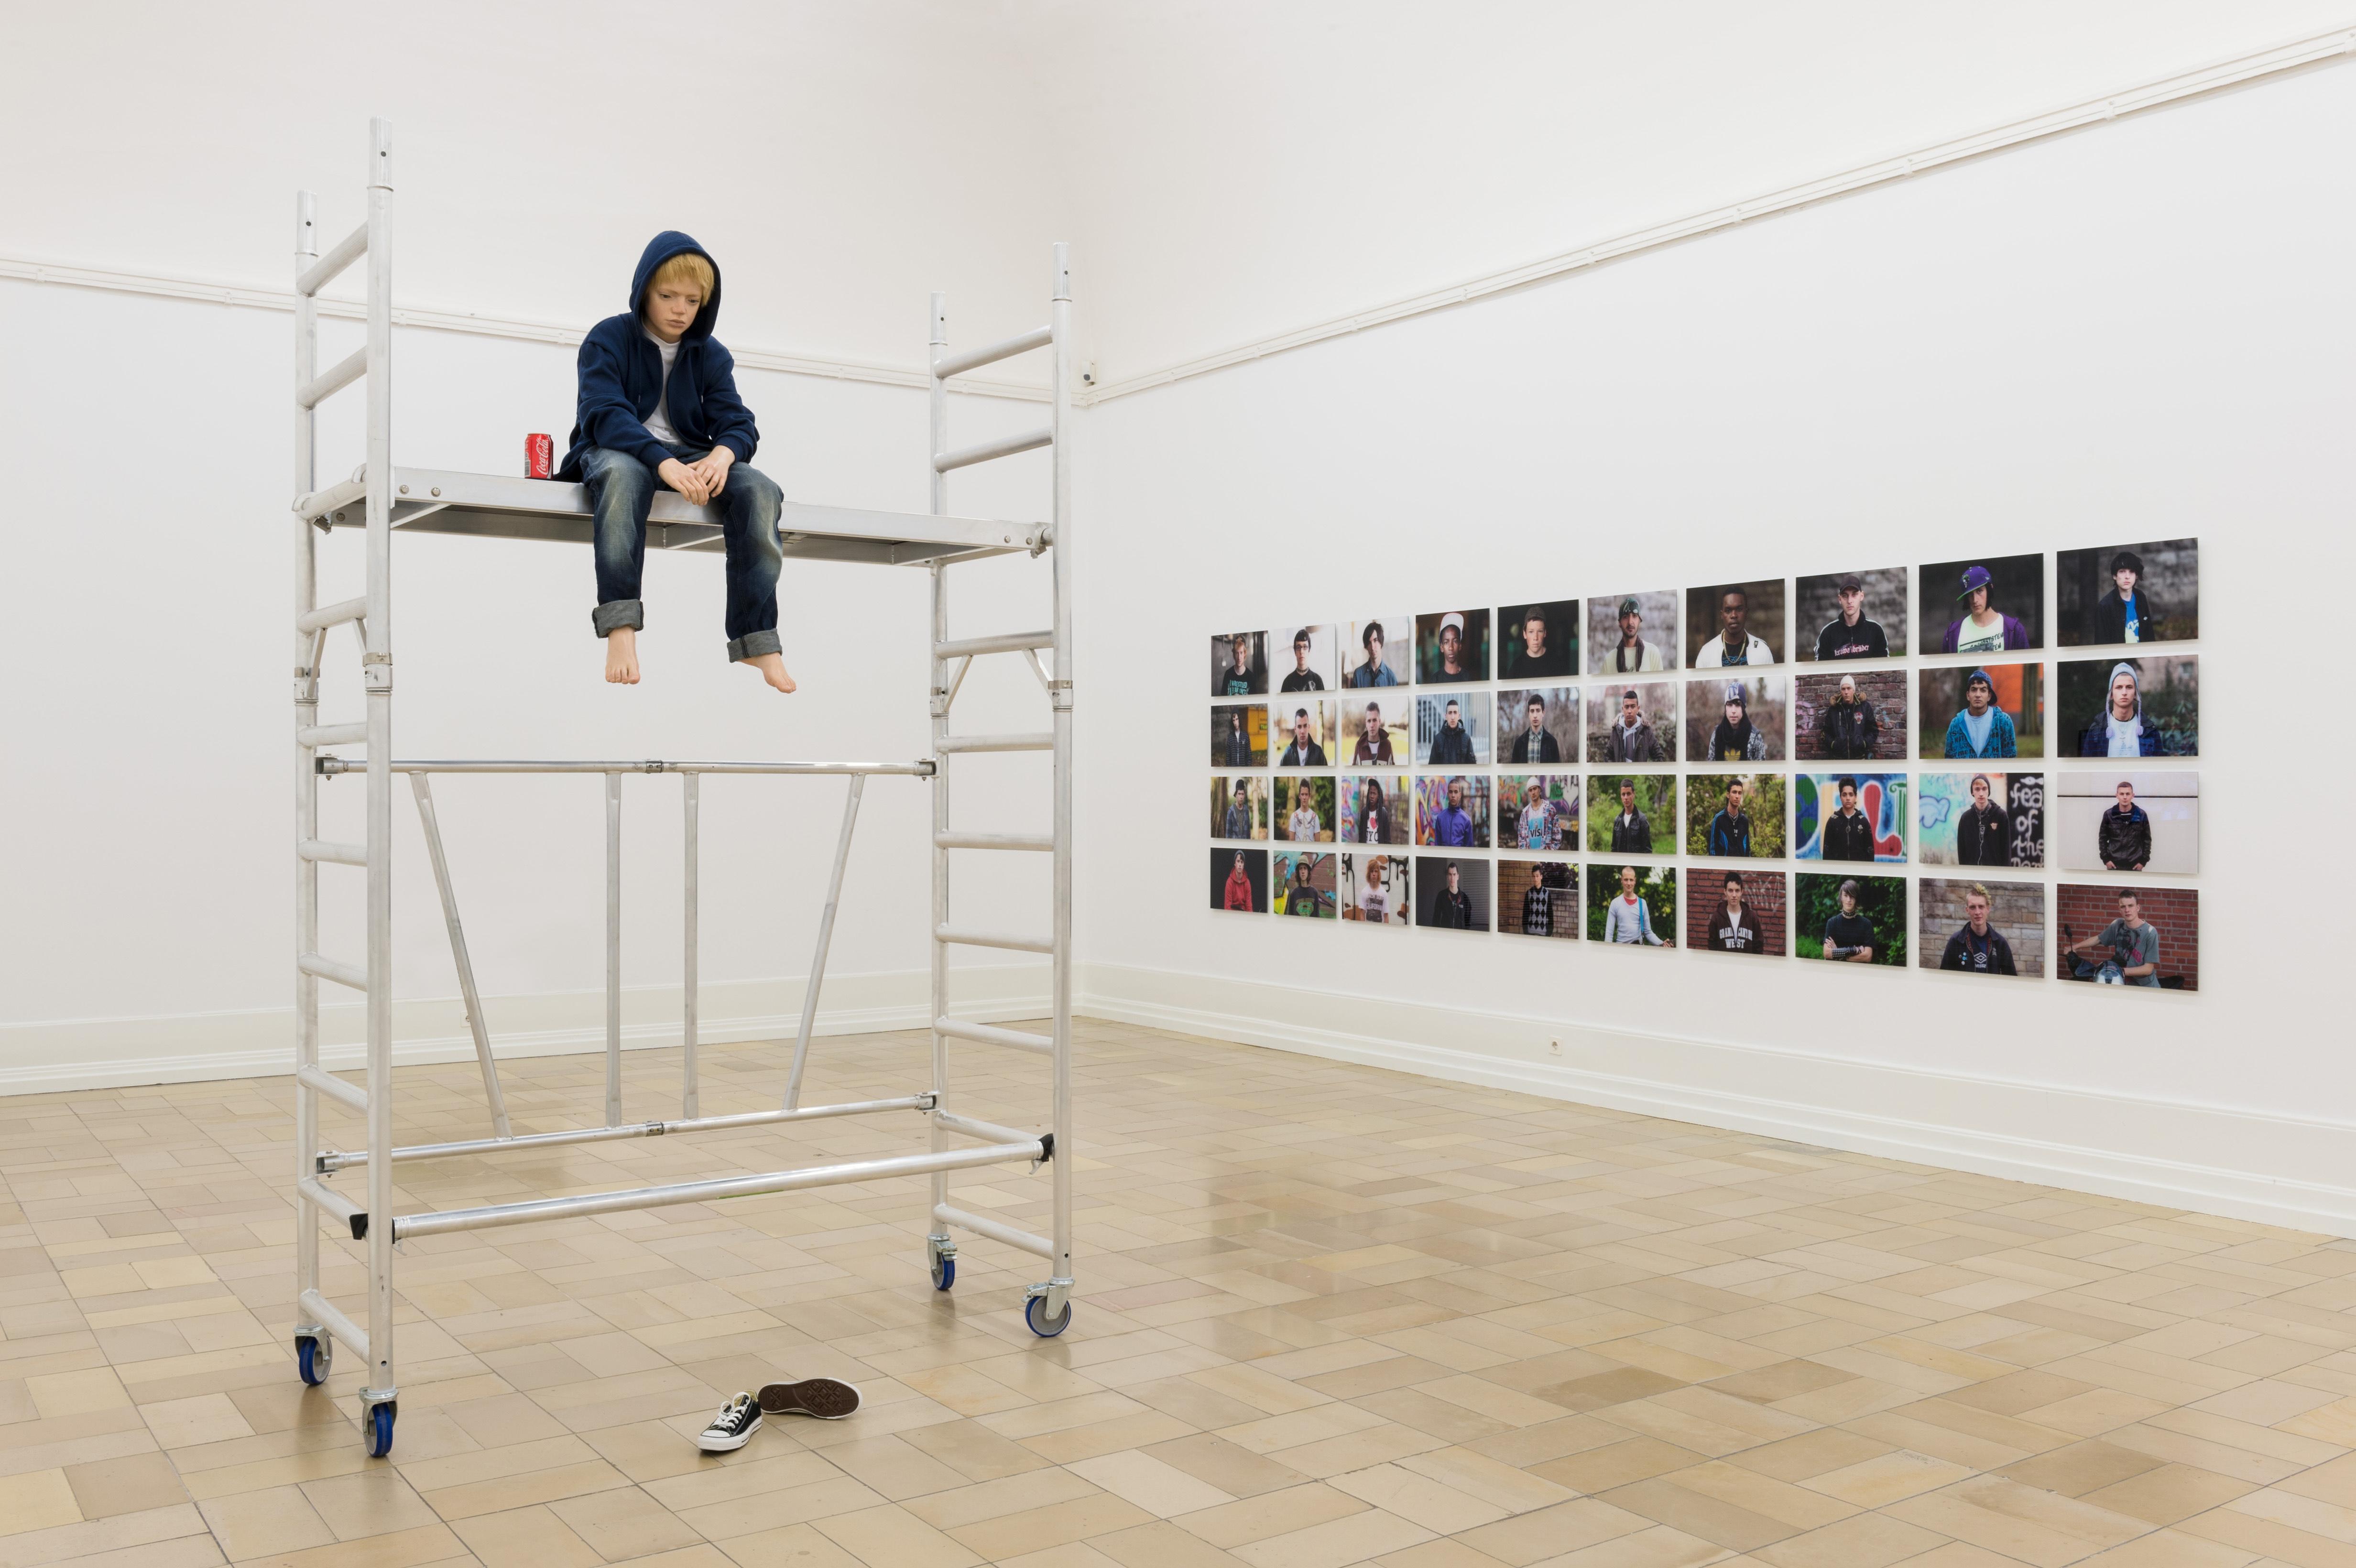 Portfraits of Young Men, Kunsthalle Nürnberg 2013